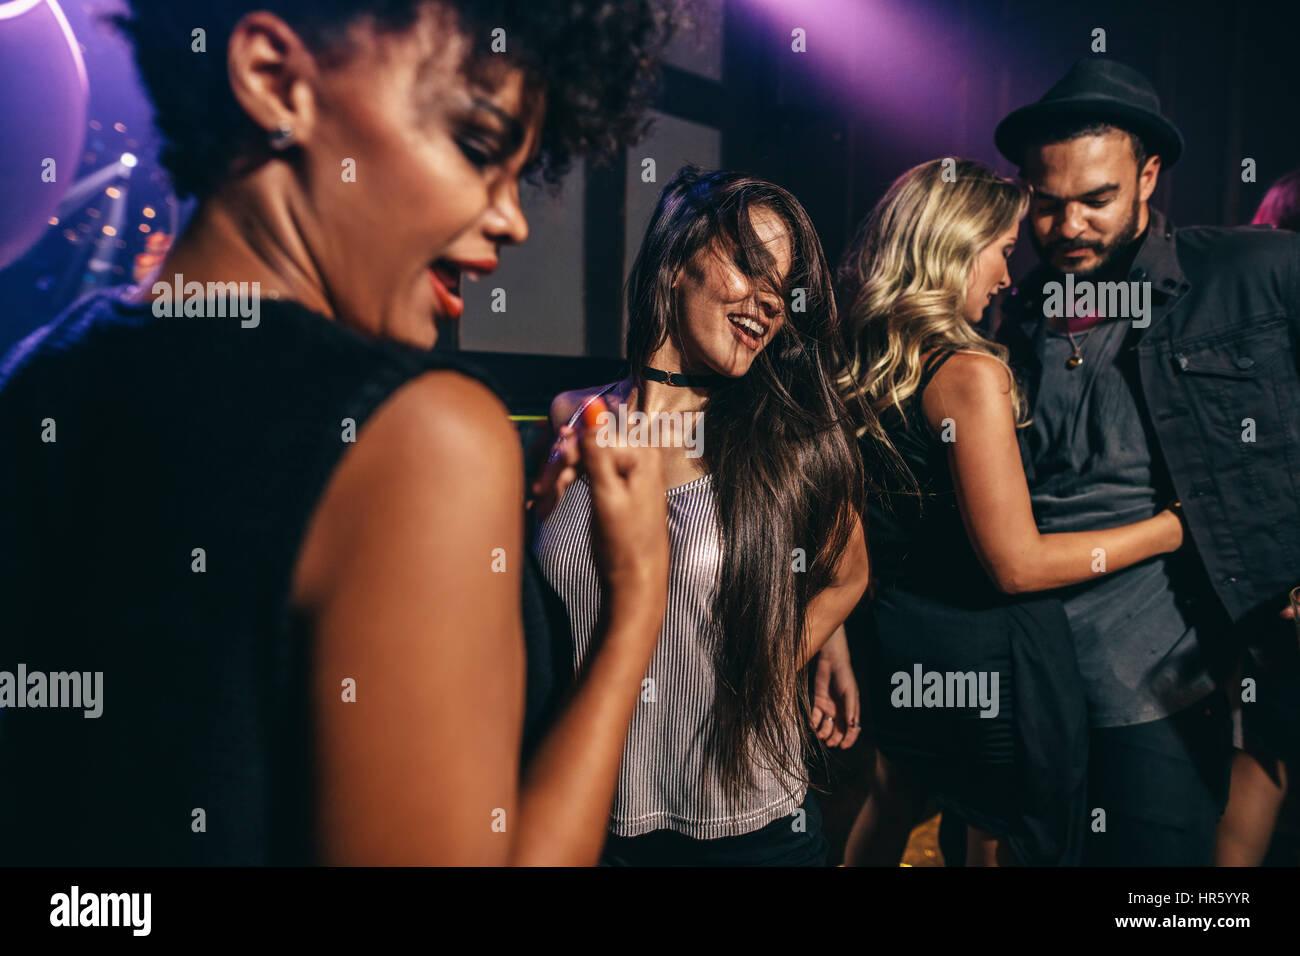 Grupo de jóvenes amigos divirtiéndonos juntos en el club nocturno. Hombres y mujeres bailando en la discoteca. Imagen De Stock